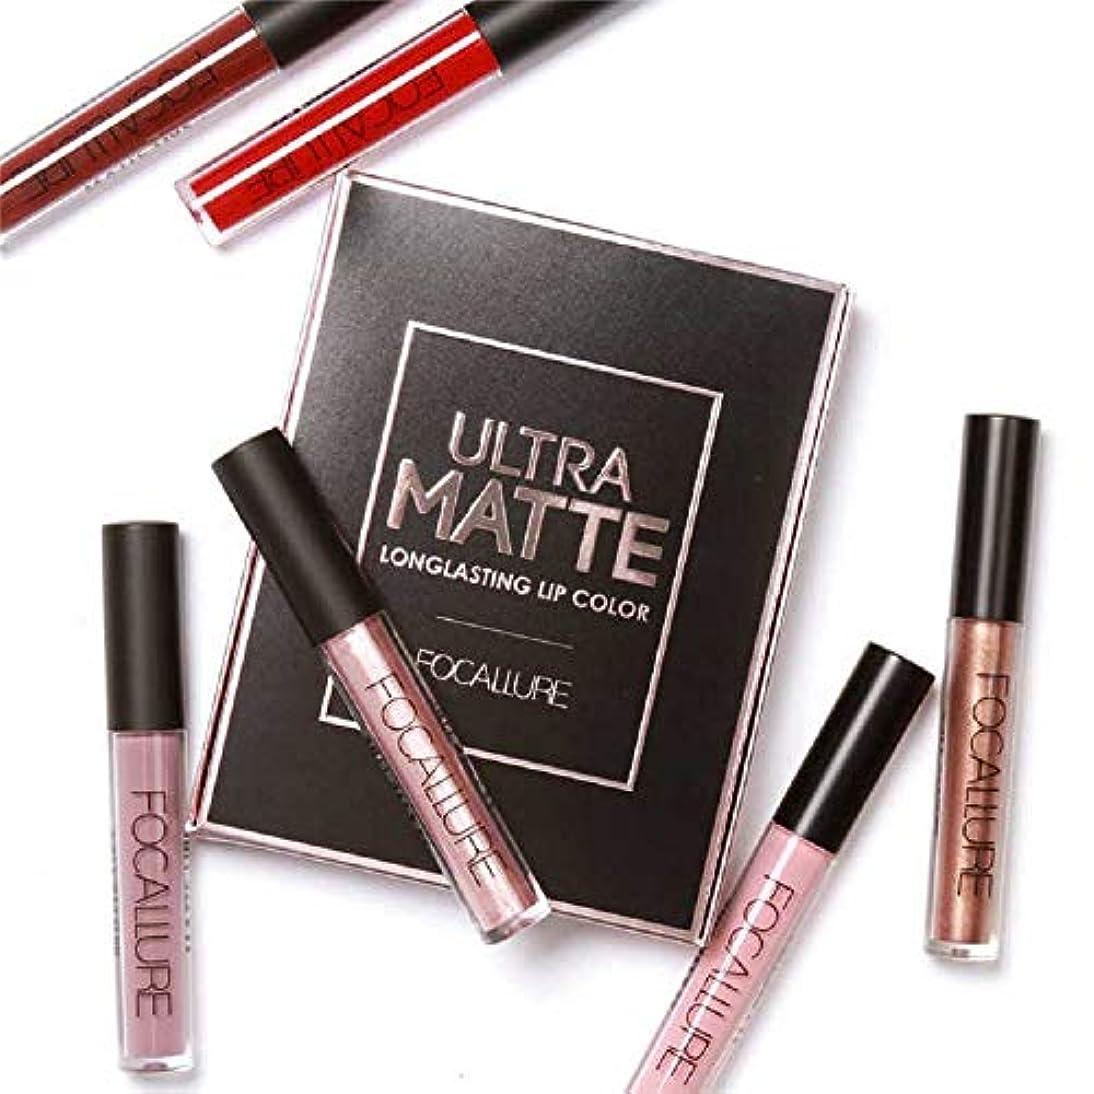 嫌な疲れた法廷3Pcs/Set Long-lasting Lip Colors Makeup Waterproof Tint Lip Gloss Red Velvet Ultra Nude Matte Lipstick Set リップカラーメーキャップ防水色合いリップグロスレッドベルベットウルトラヌードマットリップスティックセット (02)